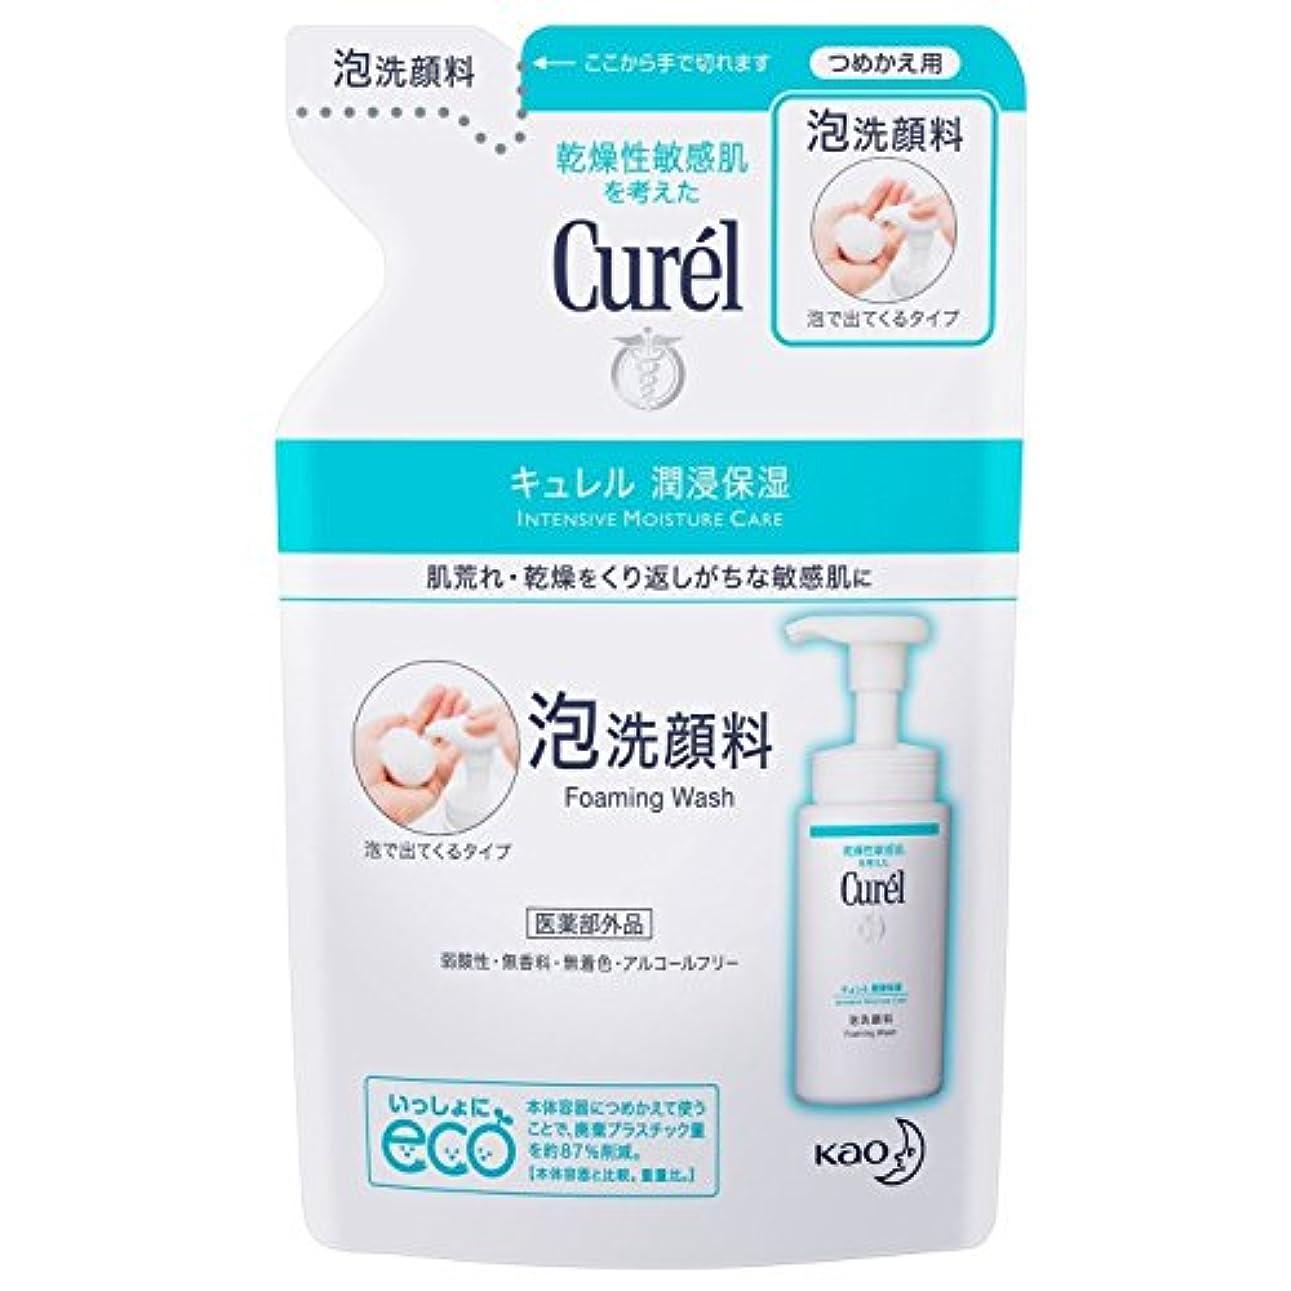 引退する議会決めます【花王】Curel(キュレル) 泡洗顔料 つめかえ用 130ml ×5個セット